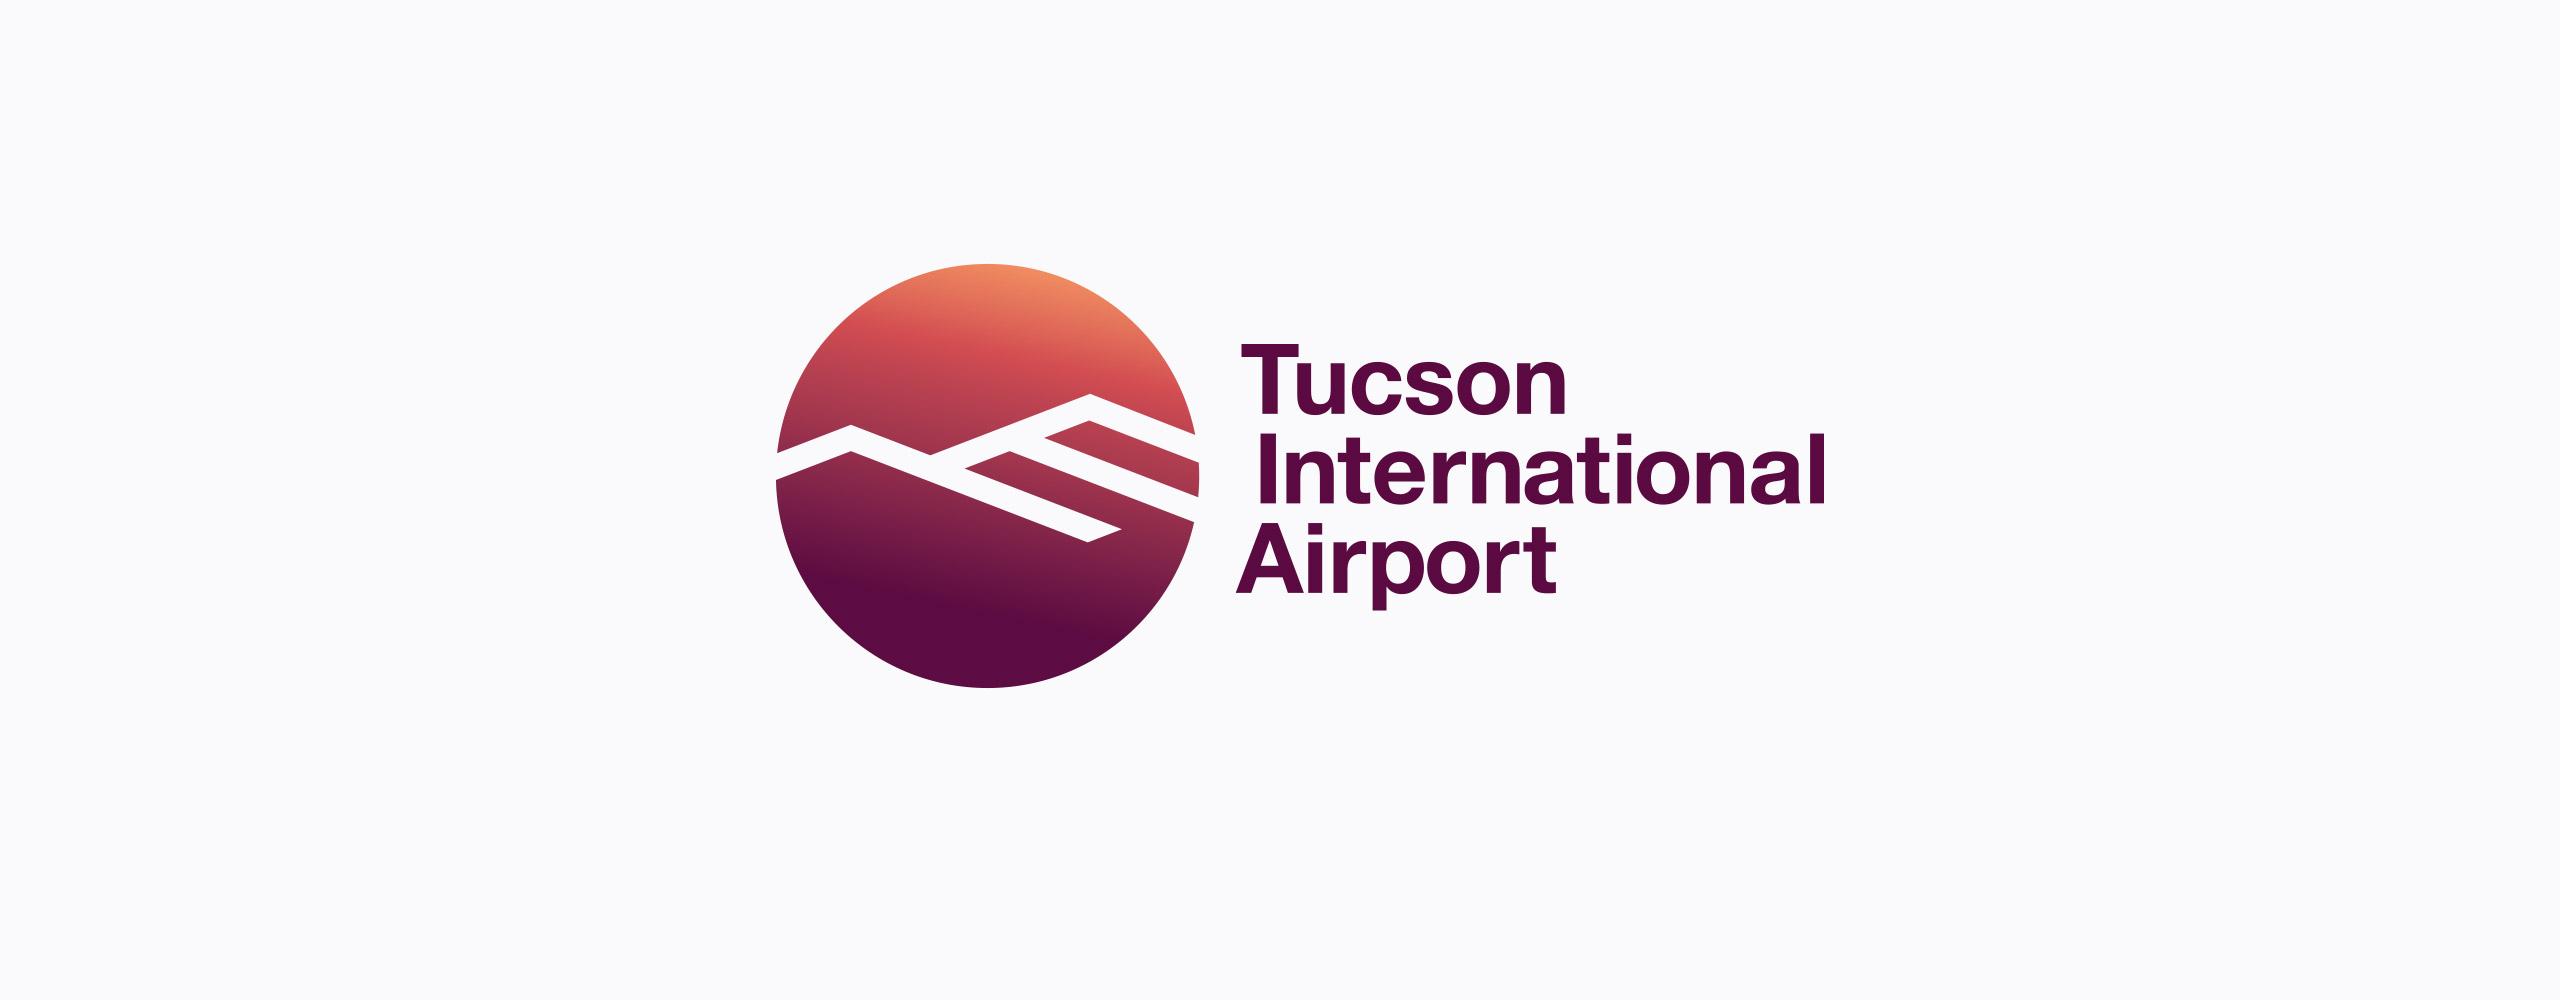 TUS-logo-1